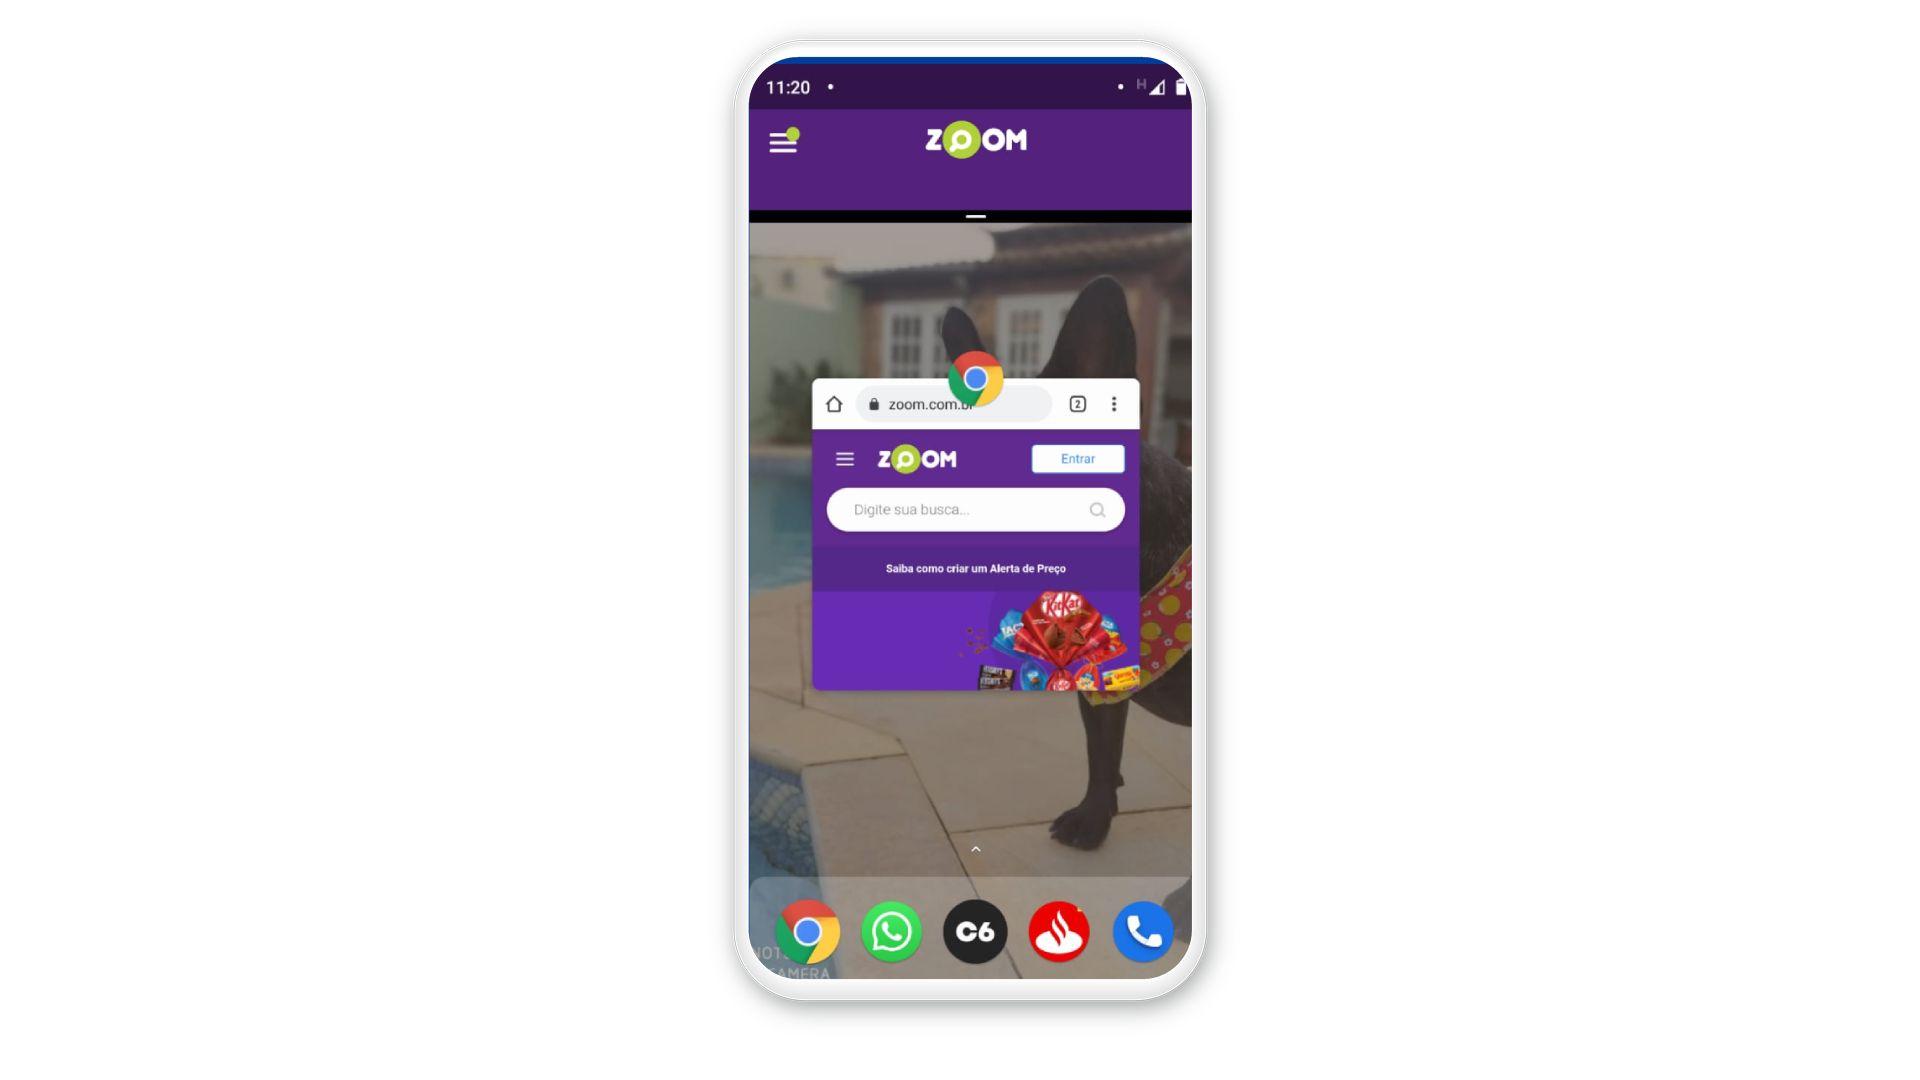 Como dividir a tela do celular: escolha outro aplicativo para dividir a tela. (Foto: Arte/Zoom)